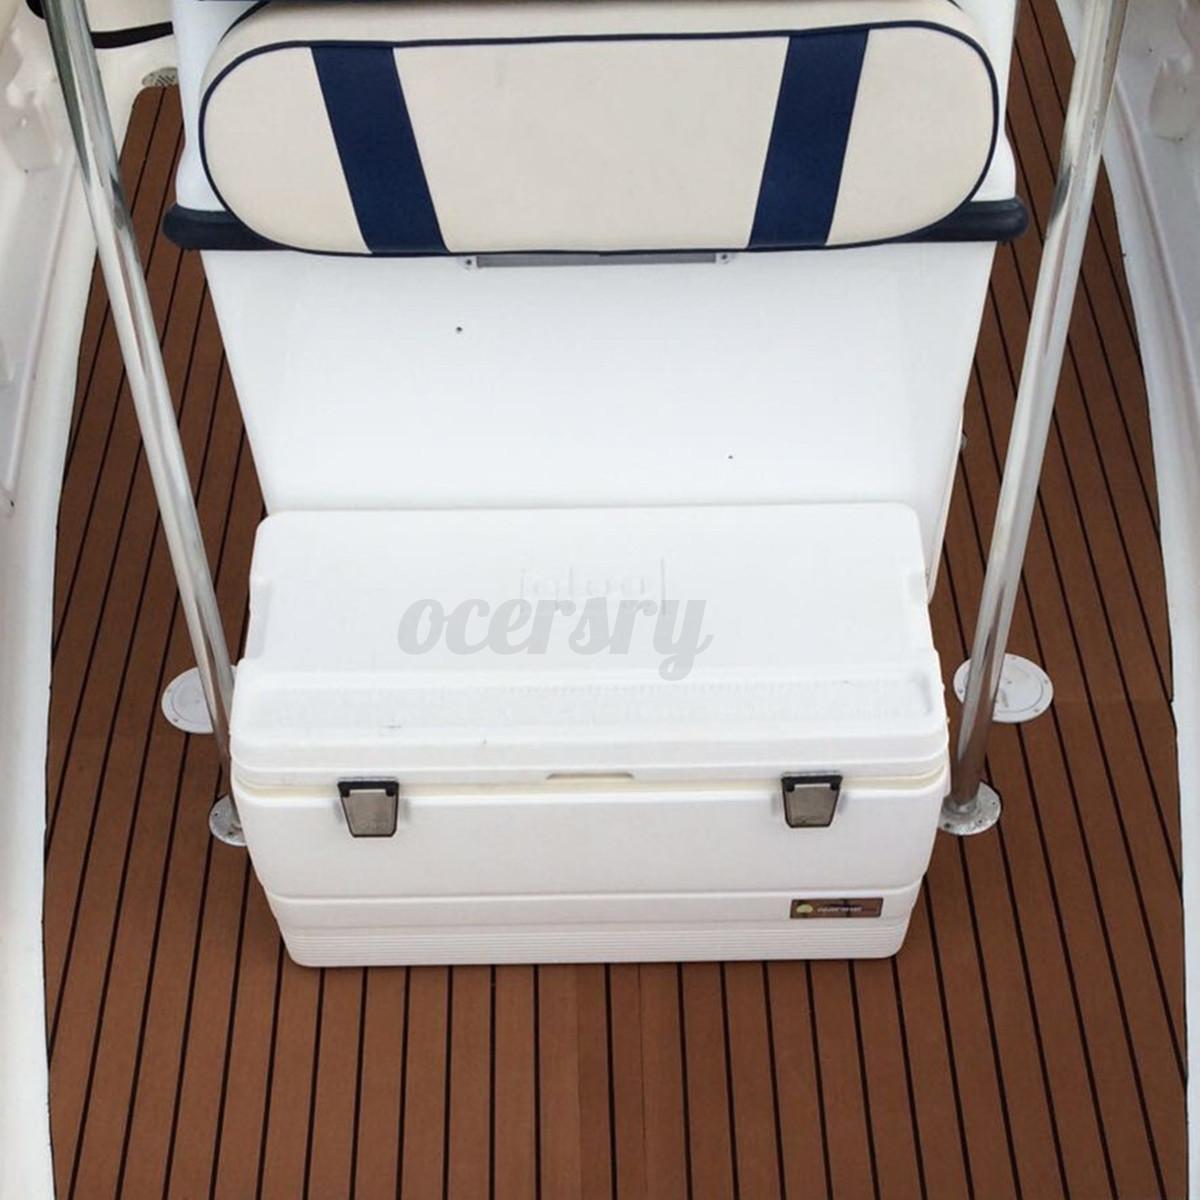 EVA-Bodenbelag-2400x1200x6mm-Fussboden-Teak-Flooring-Dunkelbraun-fuer-Yacht-Boot Indexbild 4